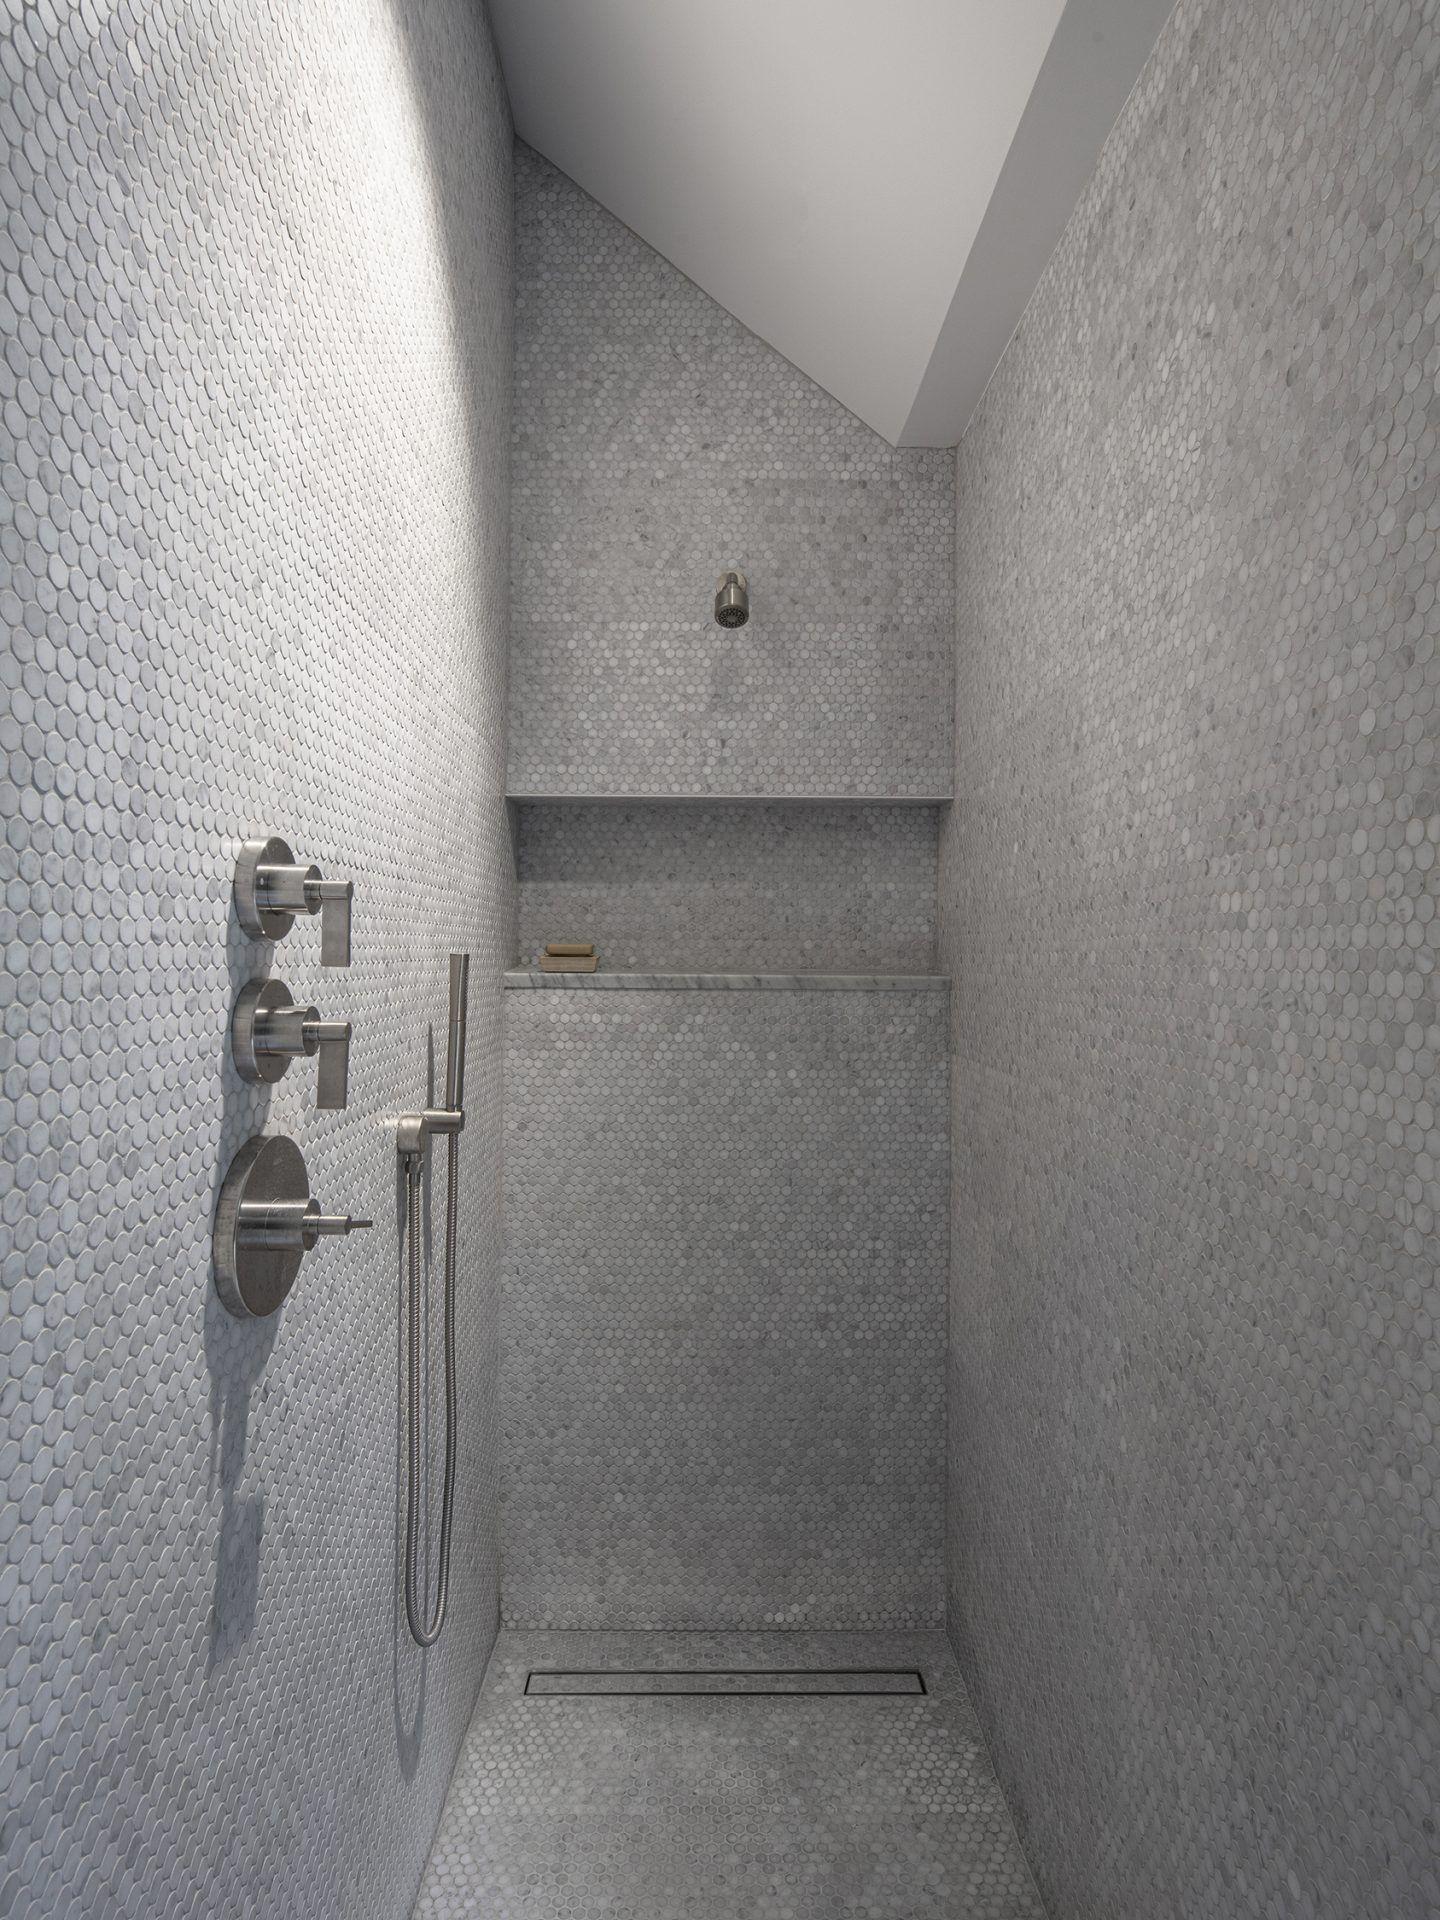 IGNANT-Architecture-LedgeHouse-13